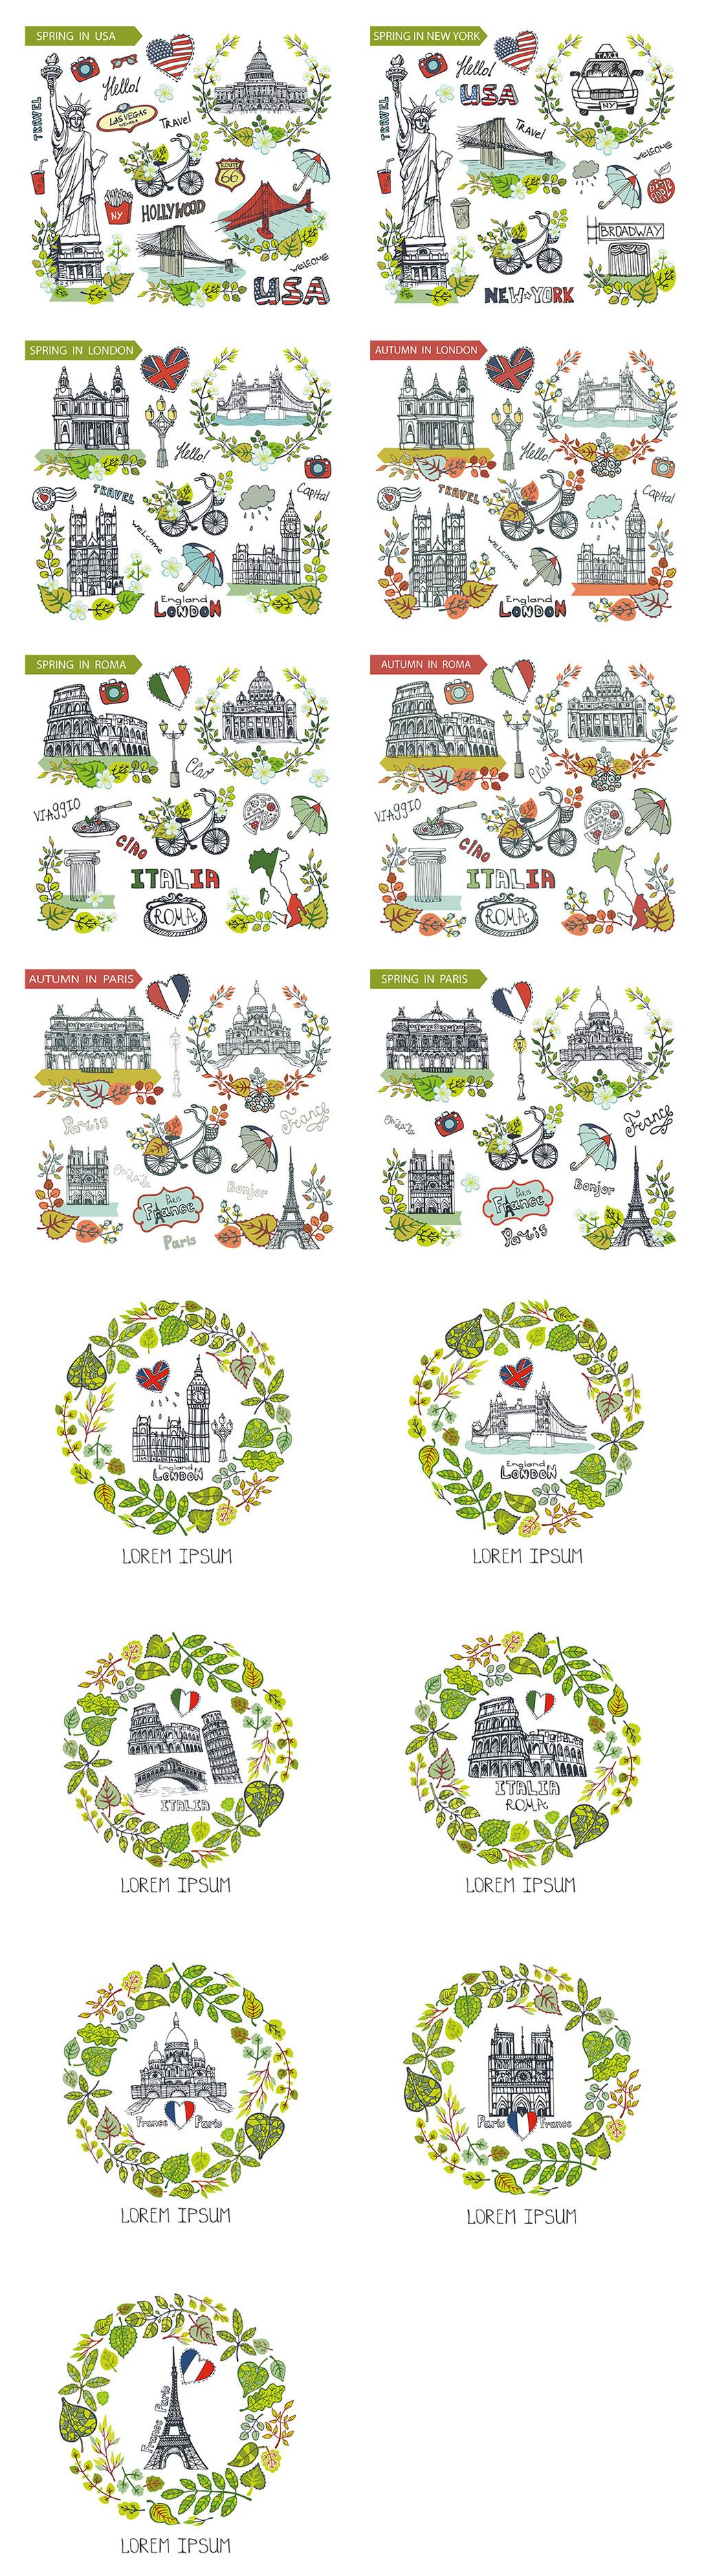 各国城市地标手绘素材图片设计_高清ai模板下载(98.31